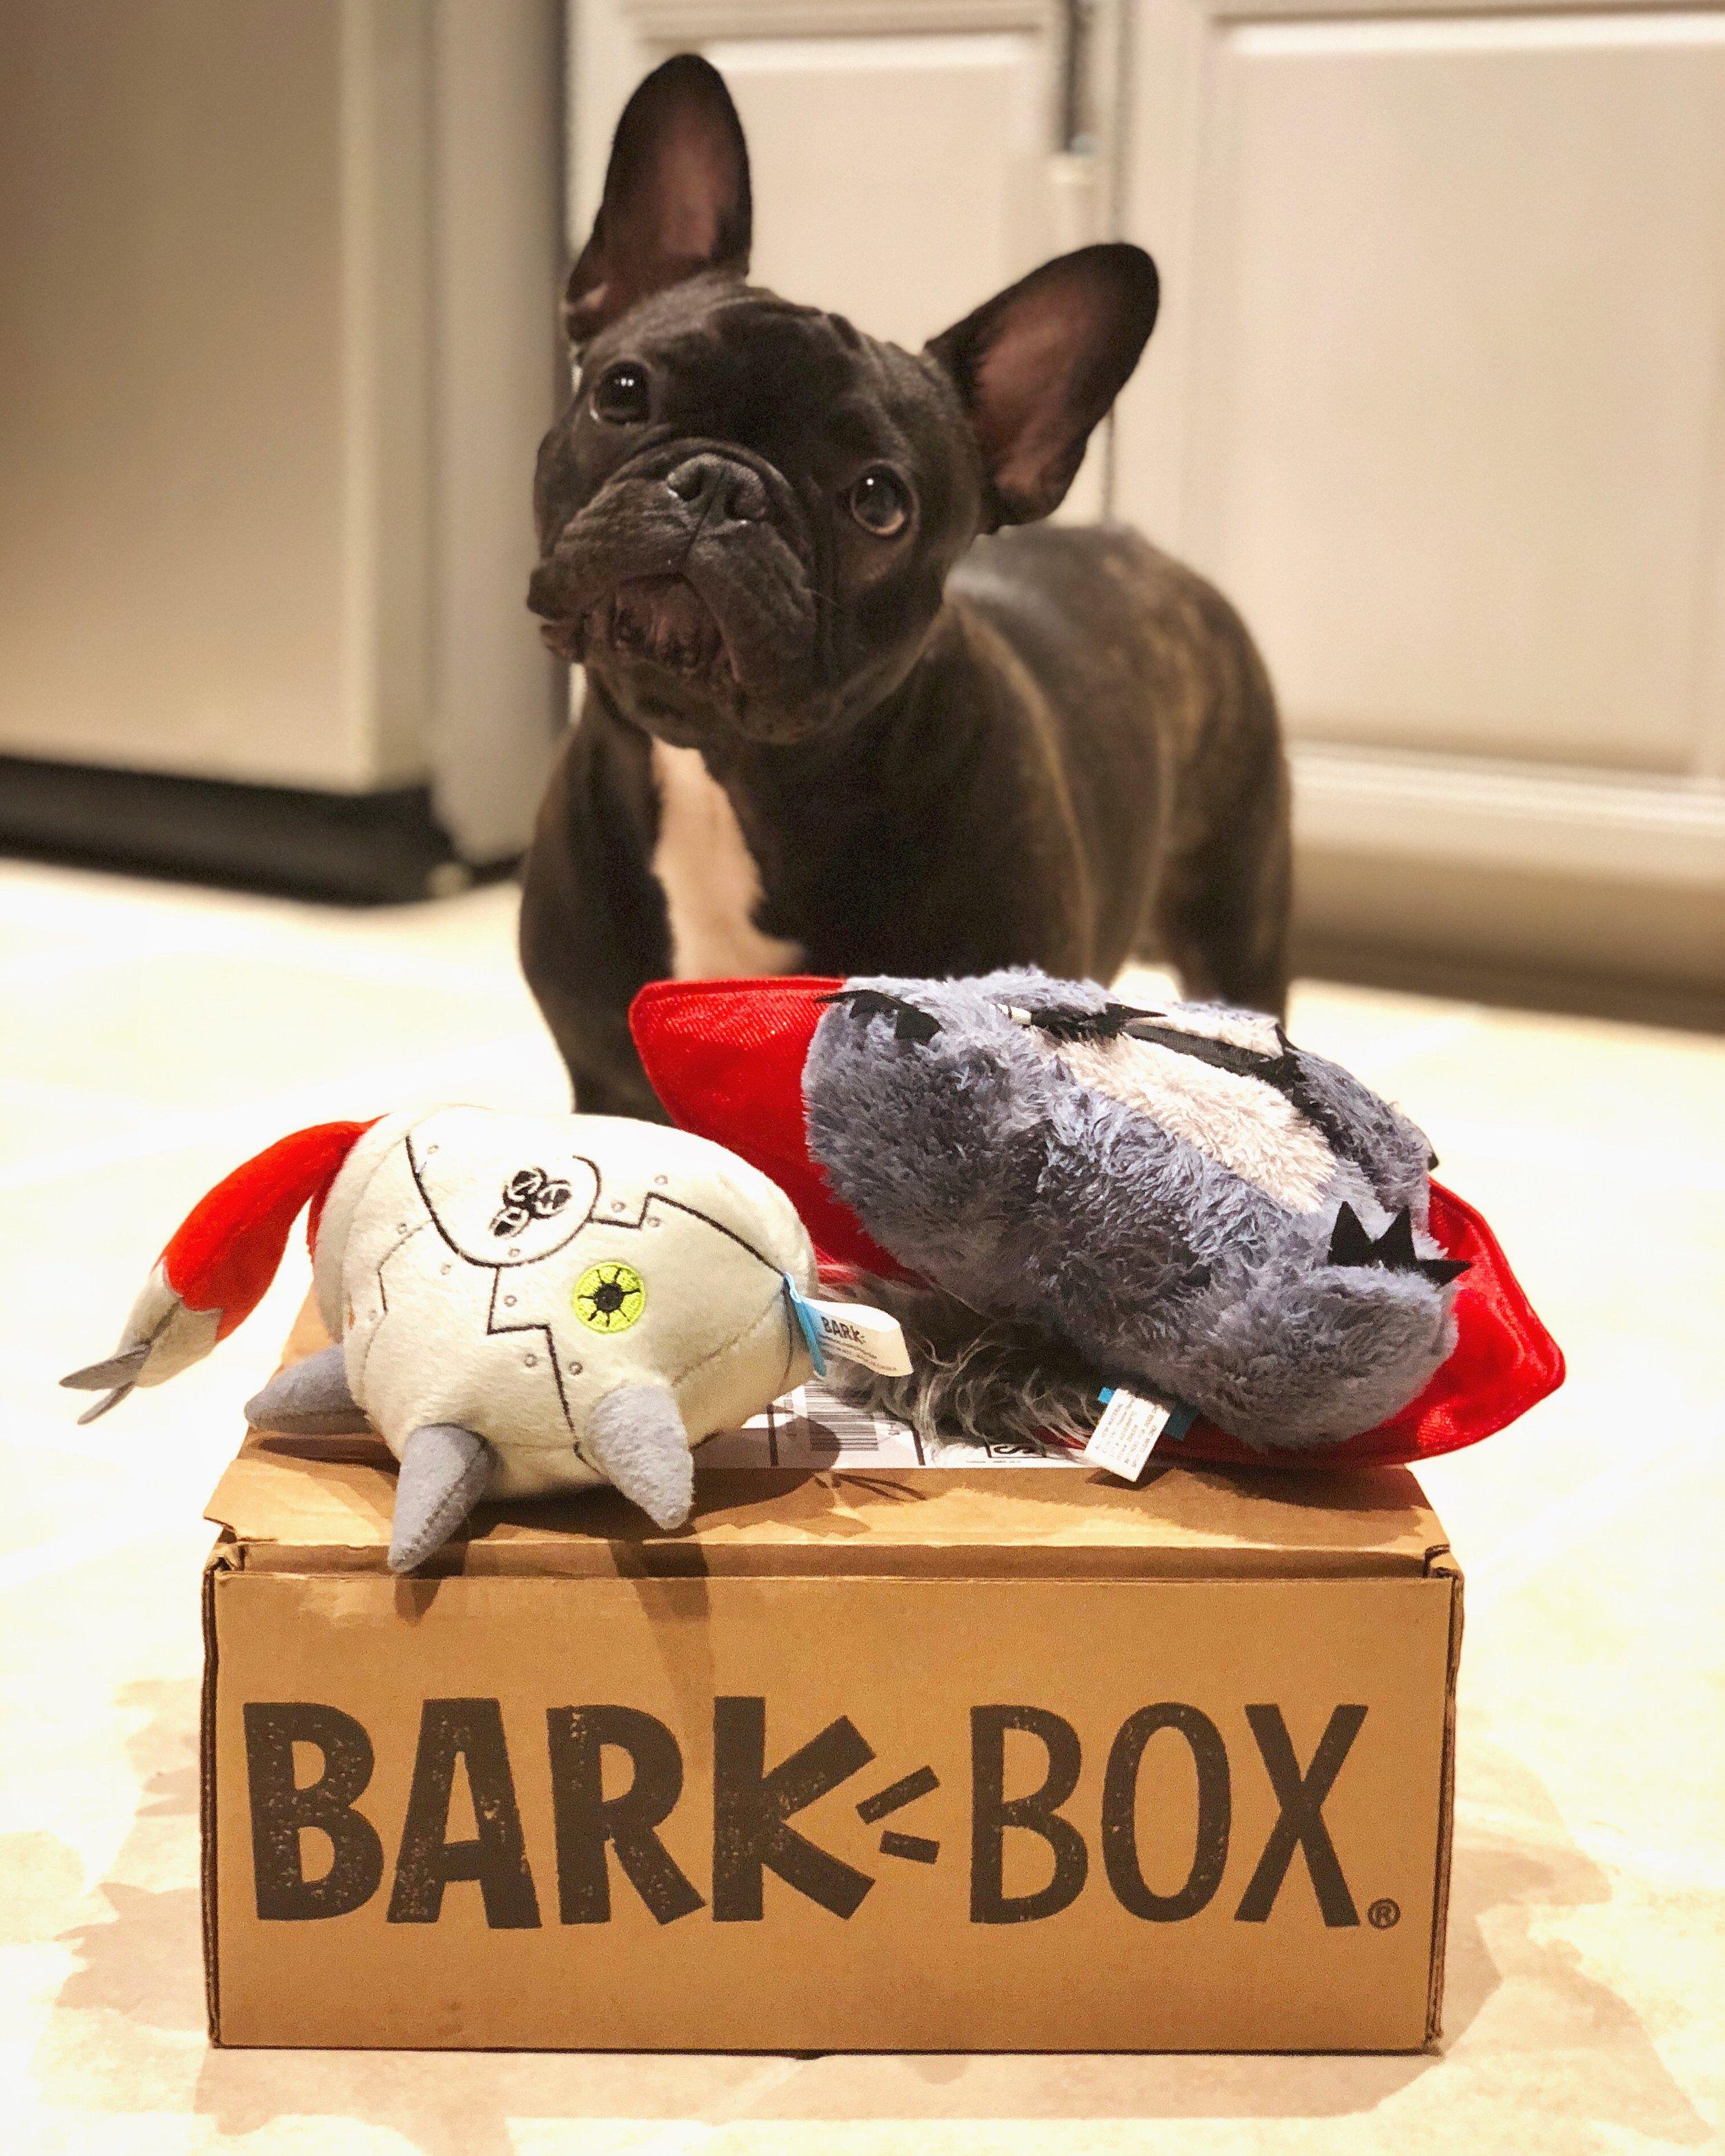 barkbox discount code